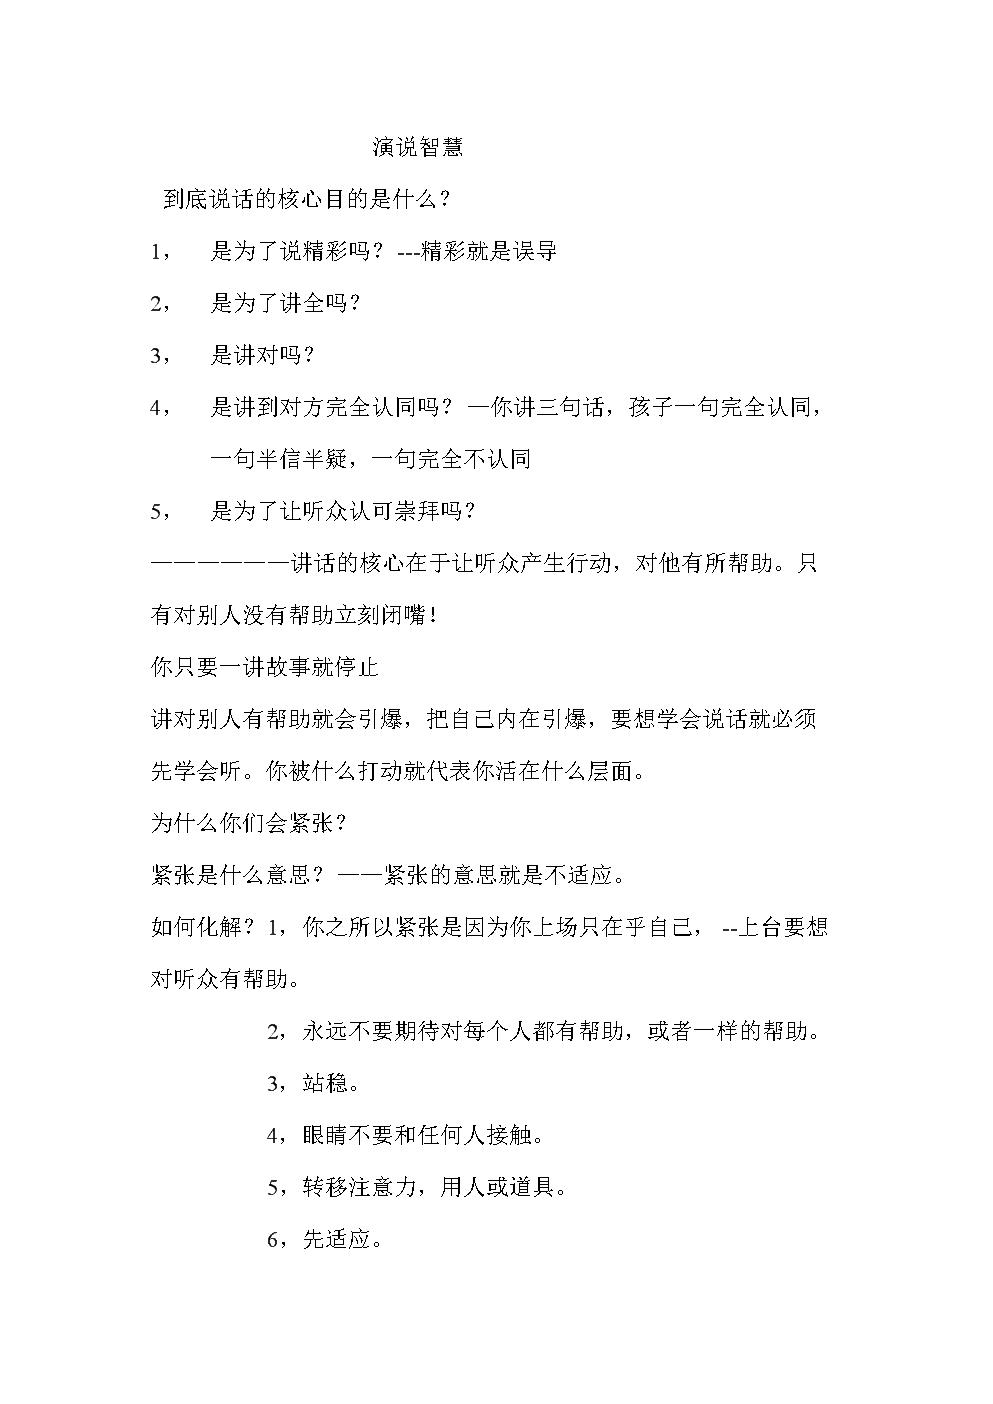 演说智慧笔记3.doc